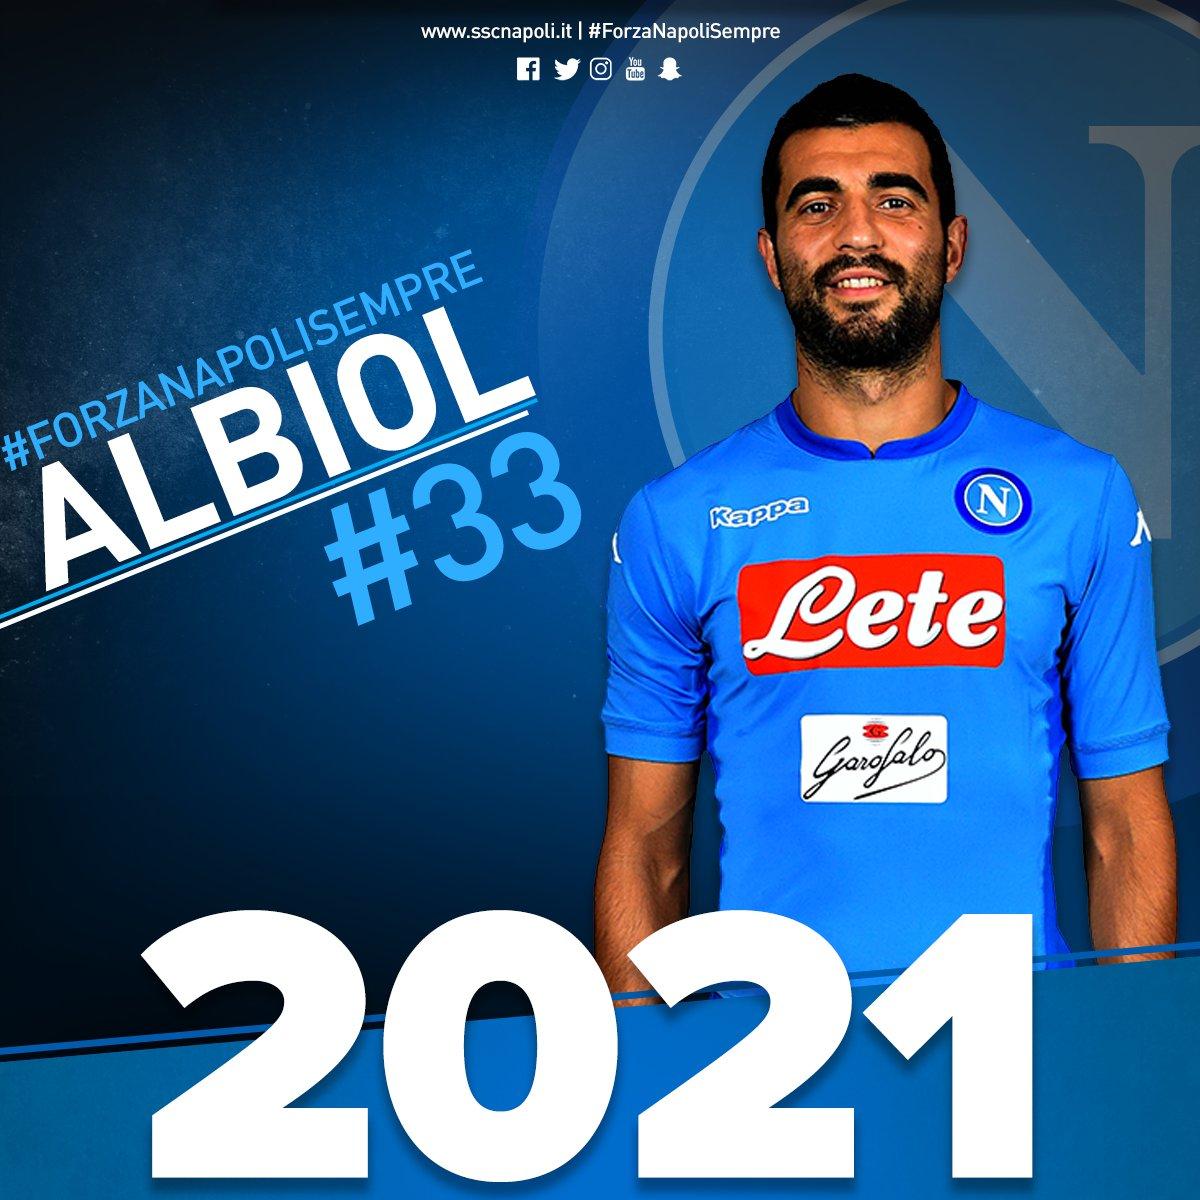 Altro che Villarreal o Chelsea, Albiol rinnova con il Napoli